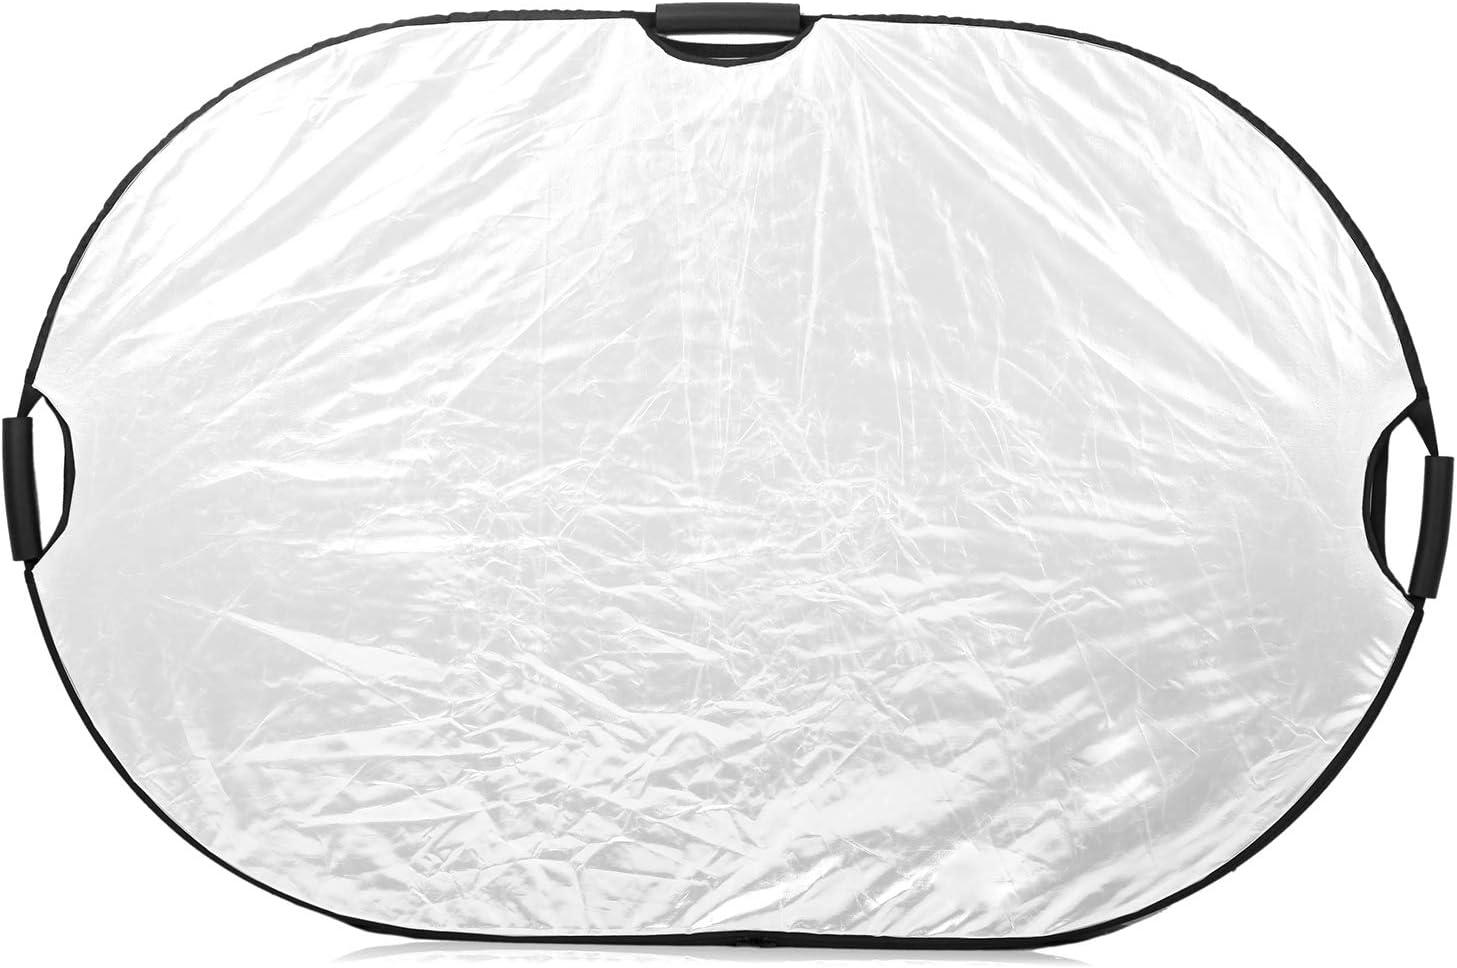 Selens 5 in 1 80x120cm Oval Licht Reflektor Faltreflektor mit Griff Fotostudio Beleuchtung Outdoor-Fotografie Schwarz Wei/ß Gold Silber Transluzent